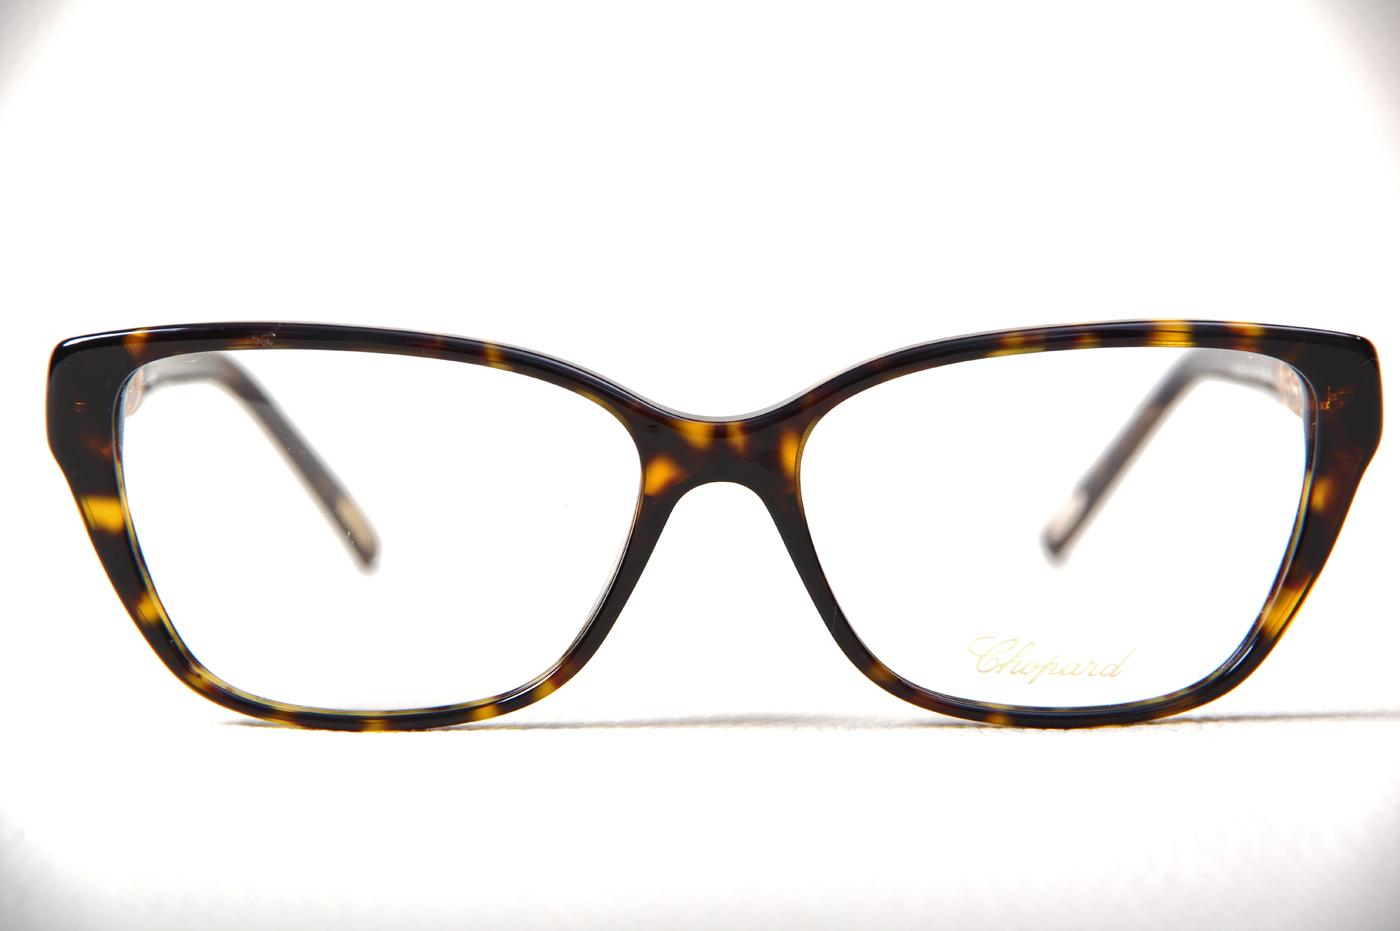 ... Où trouver les lunettes de vue CHOPARD à proximité de Le Havre 76  Commander des lunettes précieuses CHOPARD proche Rouen ... 50180666bb06